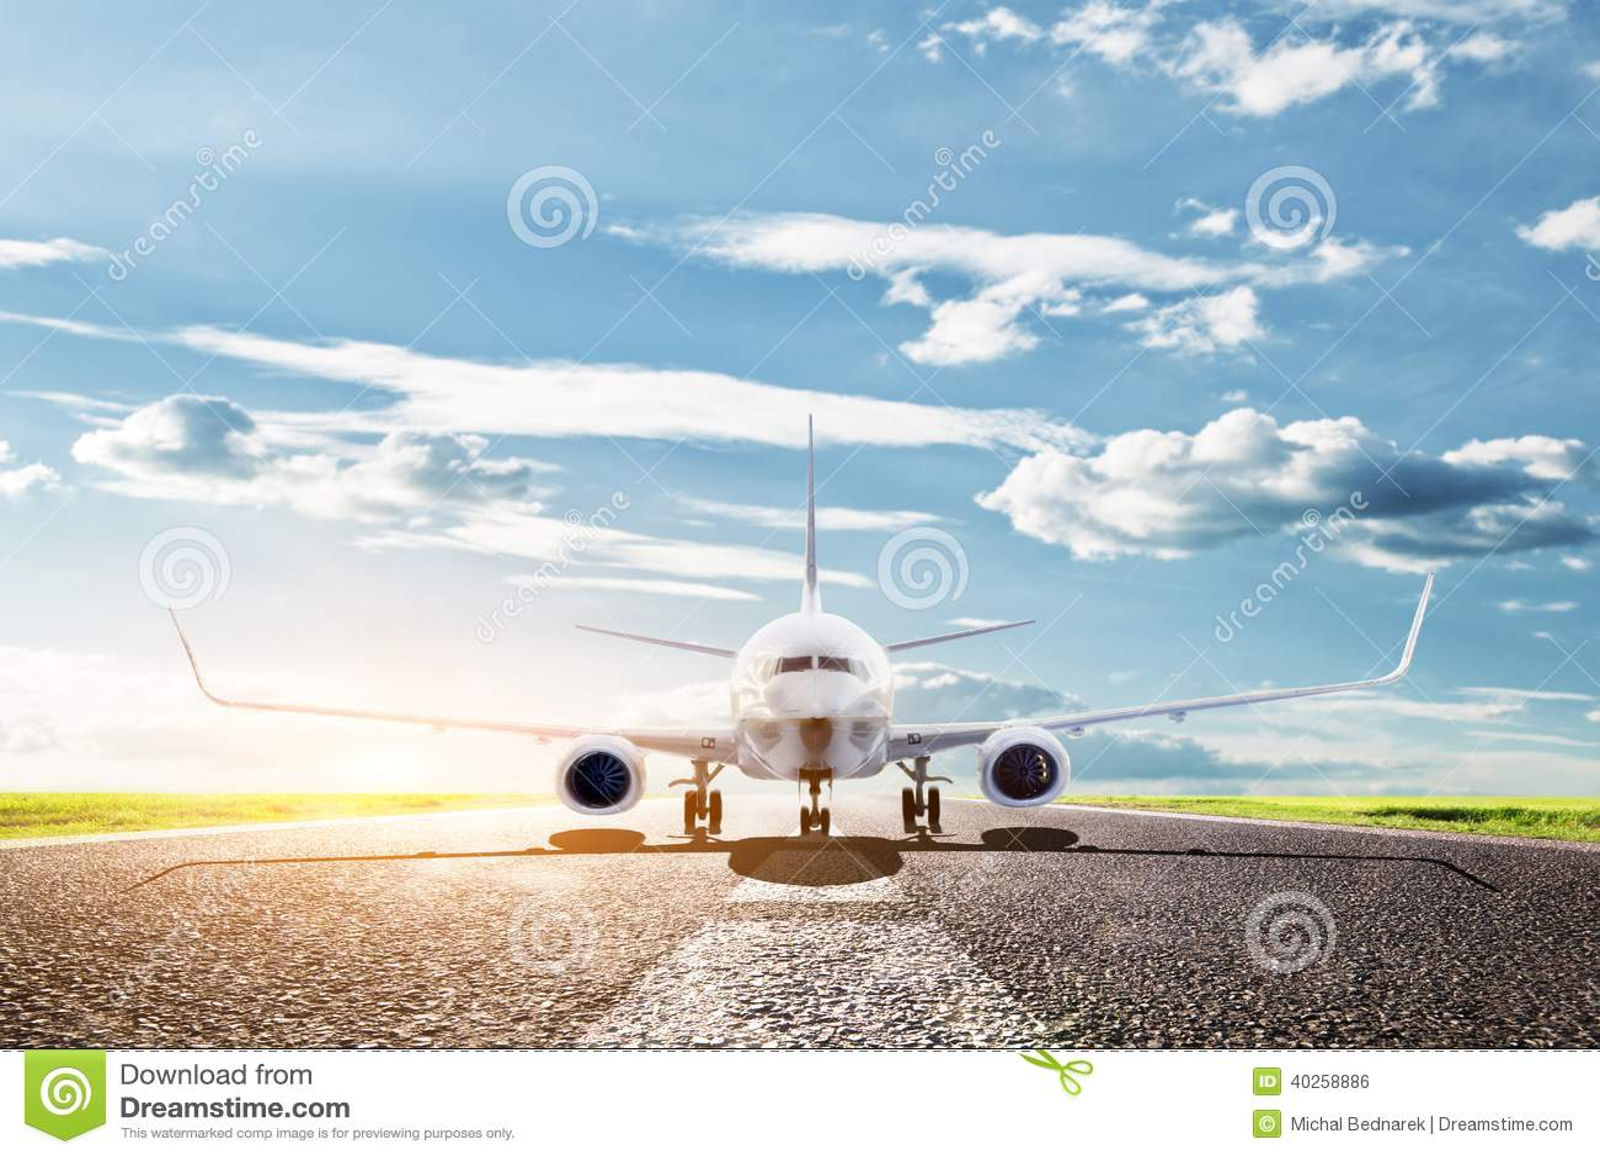 Samolotowy przygotowywający zdejmował. Pasażerski samolot, linia lotnicza. Transport, podróż